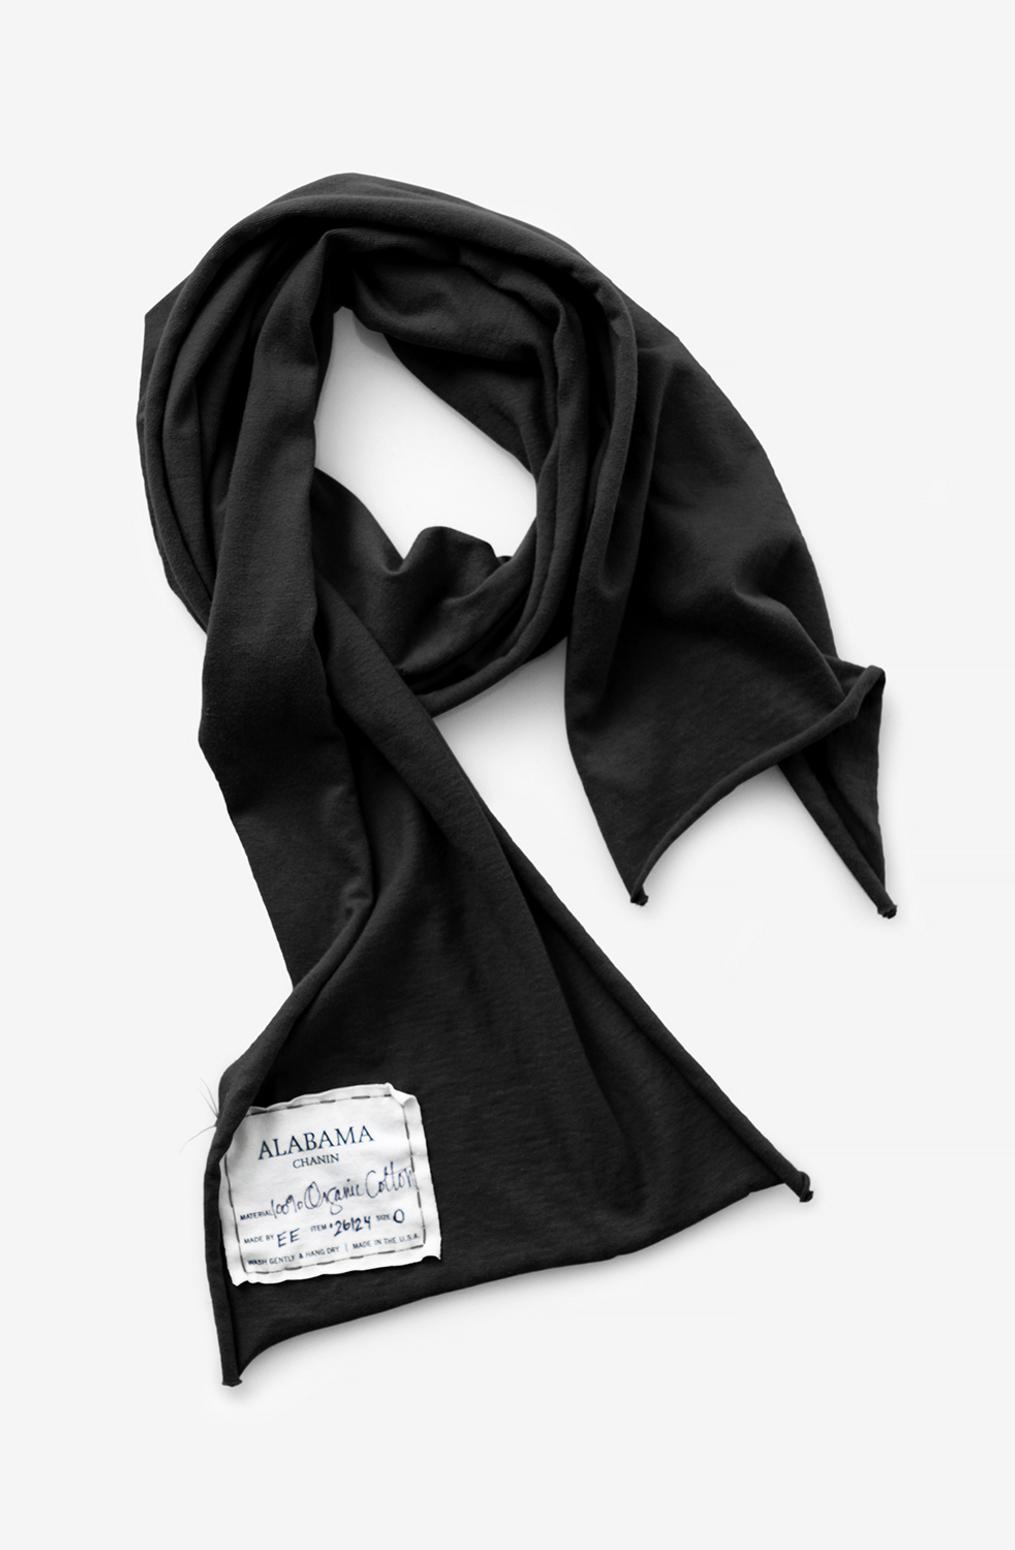 Alabama chanin organic cotton scarf